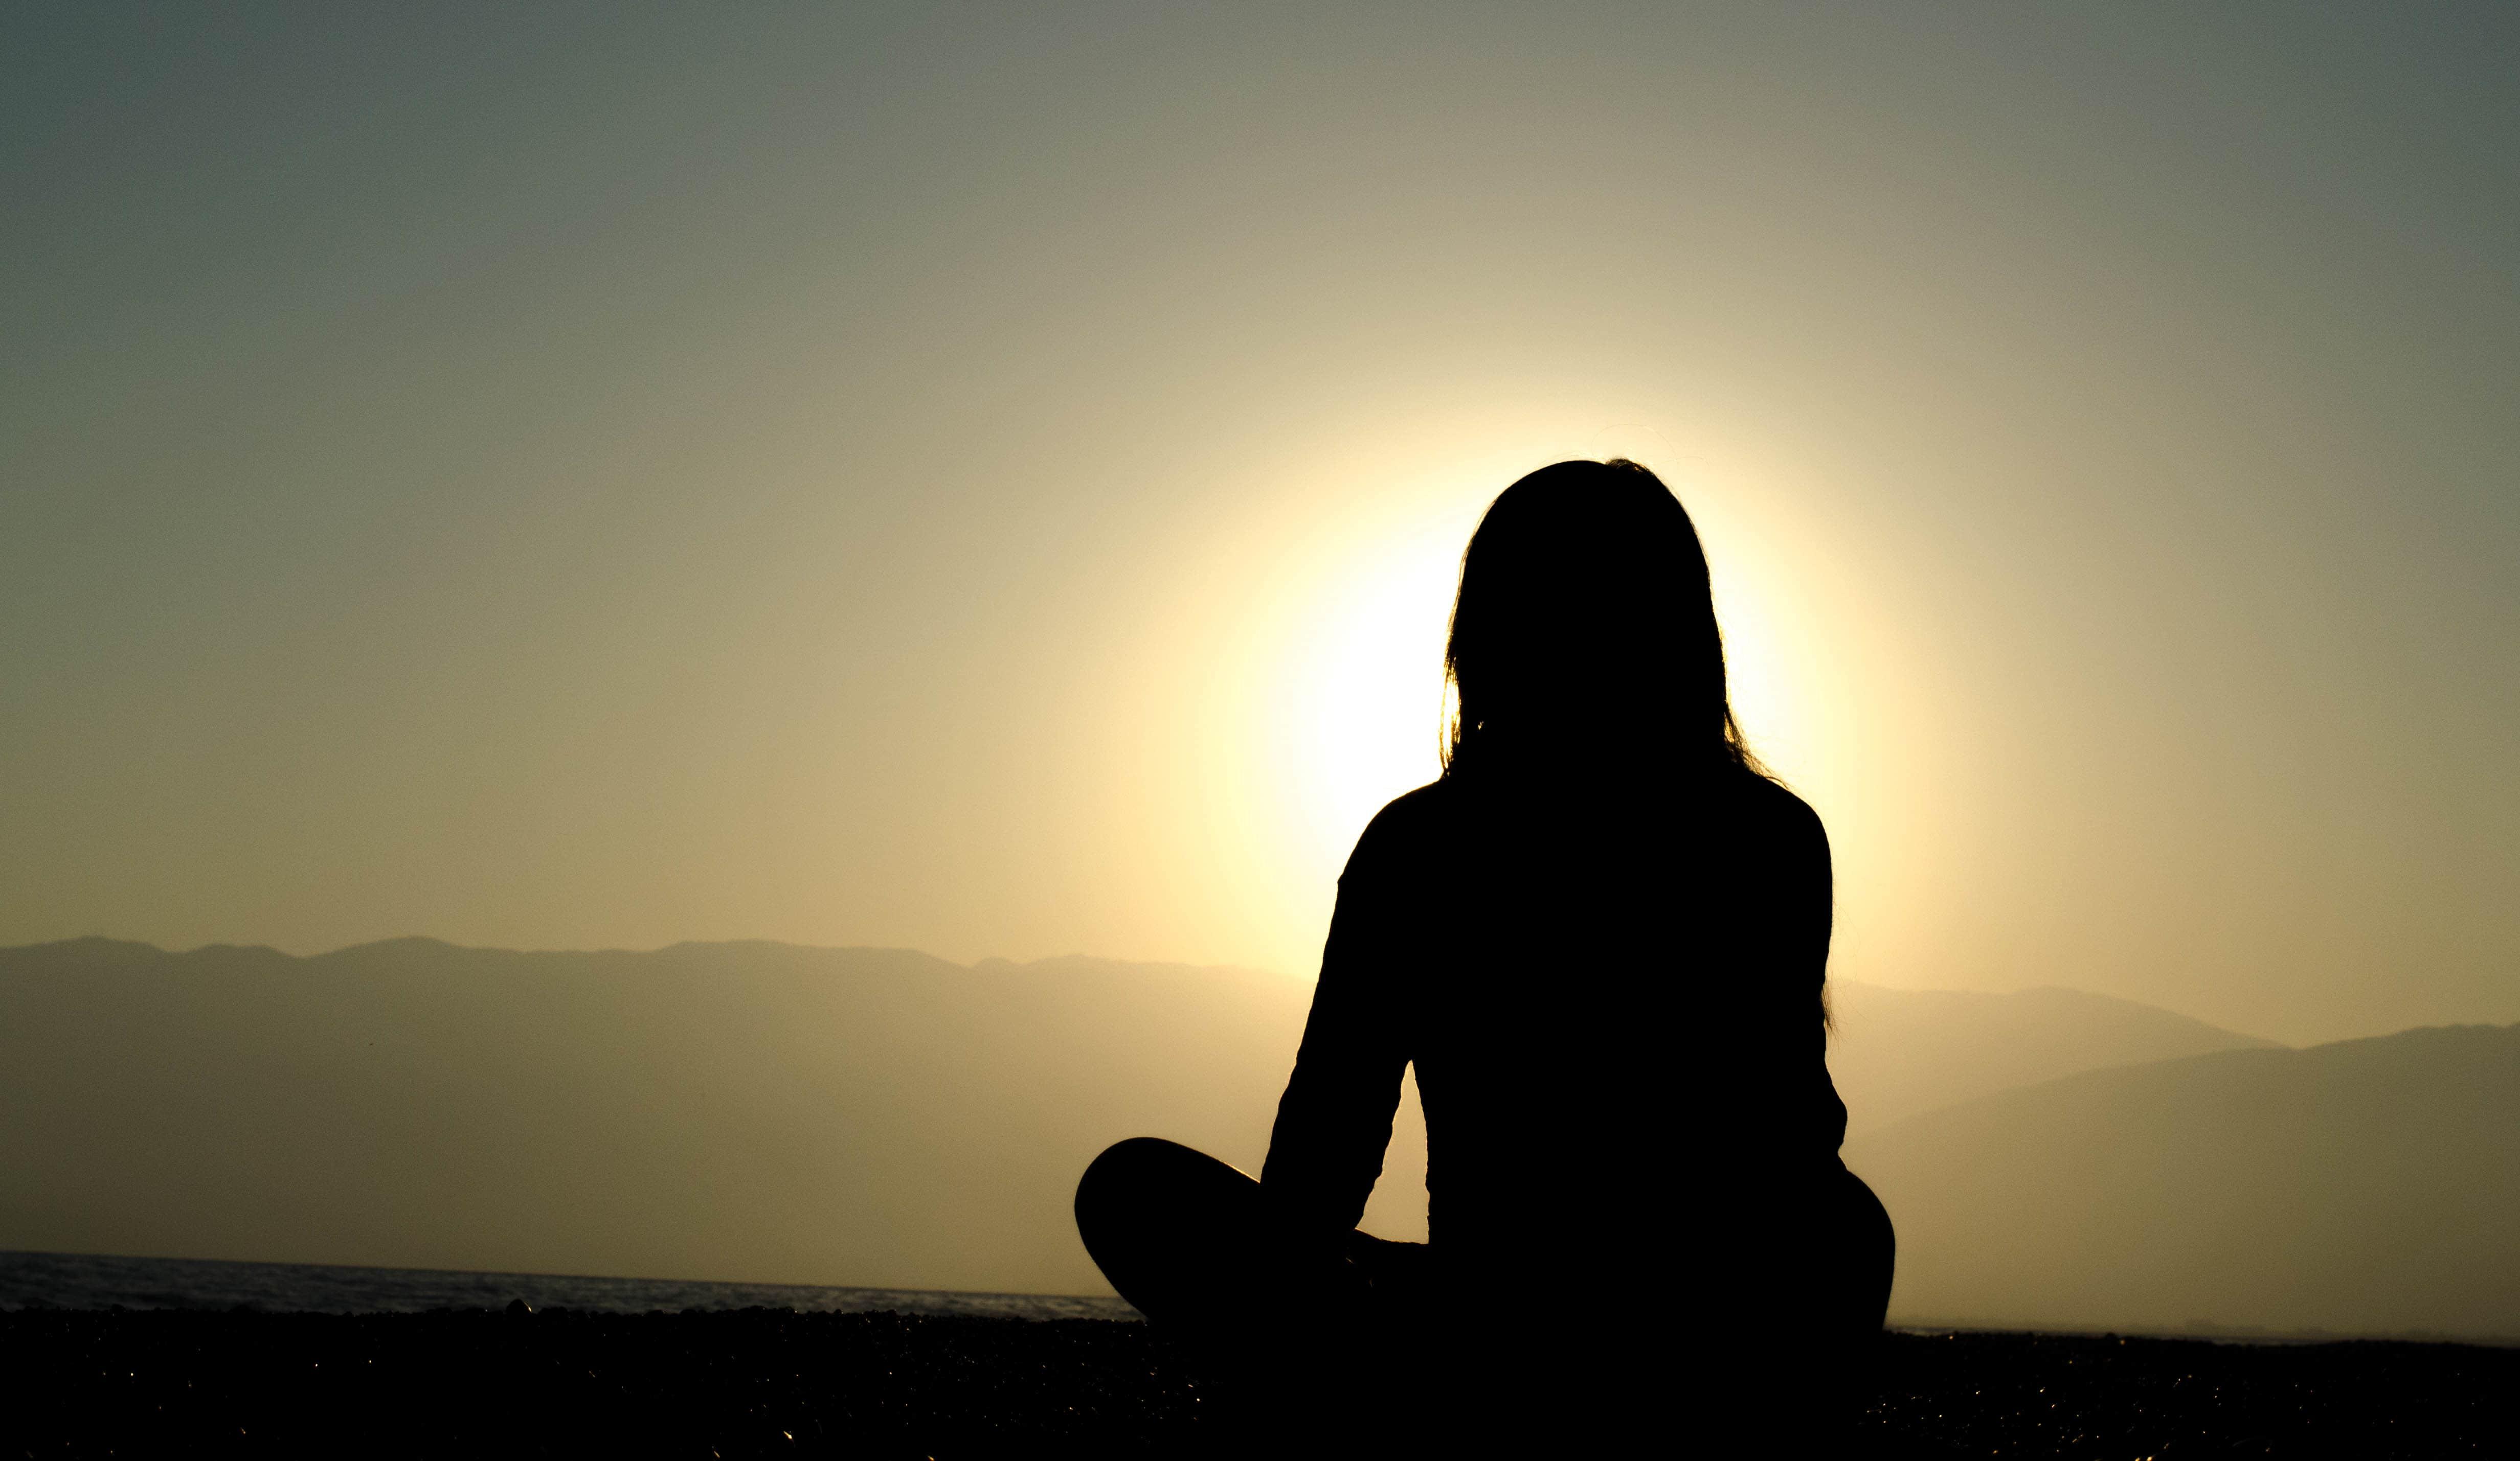 La baja autoestima puede limitar tu desarrollo personal